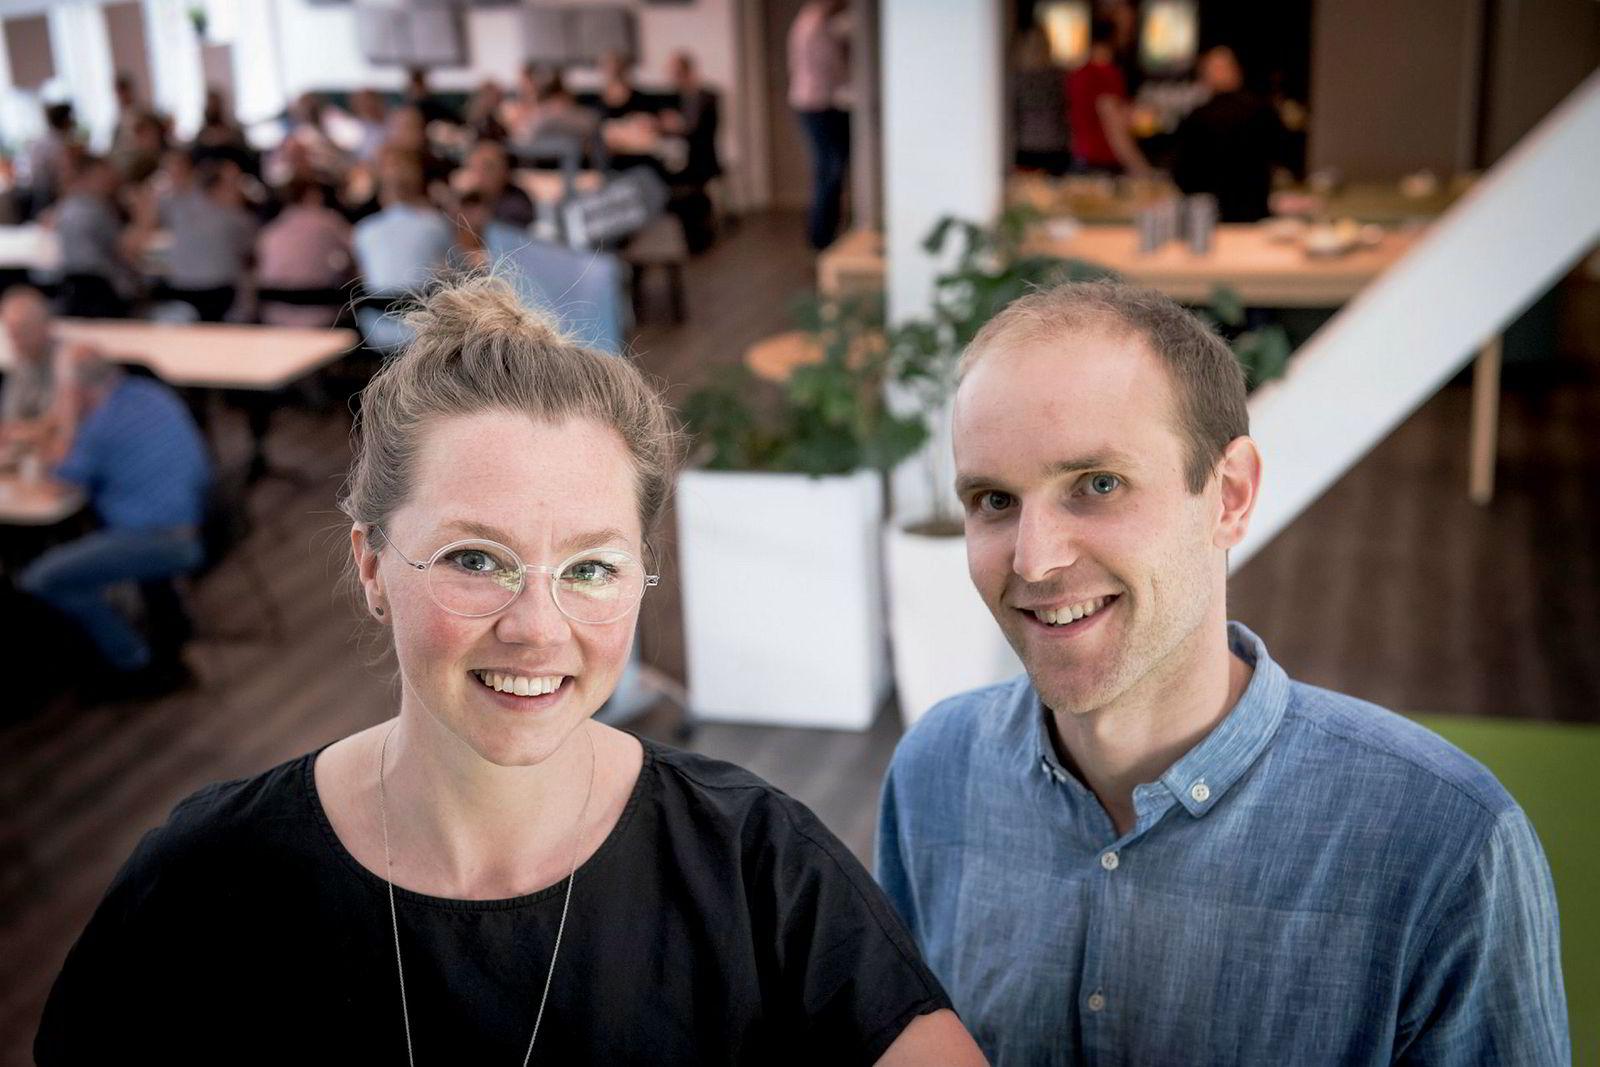 Silje Solberg og Mads Simonsen har opplevd at flere har banket på døren deres og bedt om å få jobbe for dem med i Ducky.